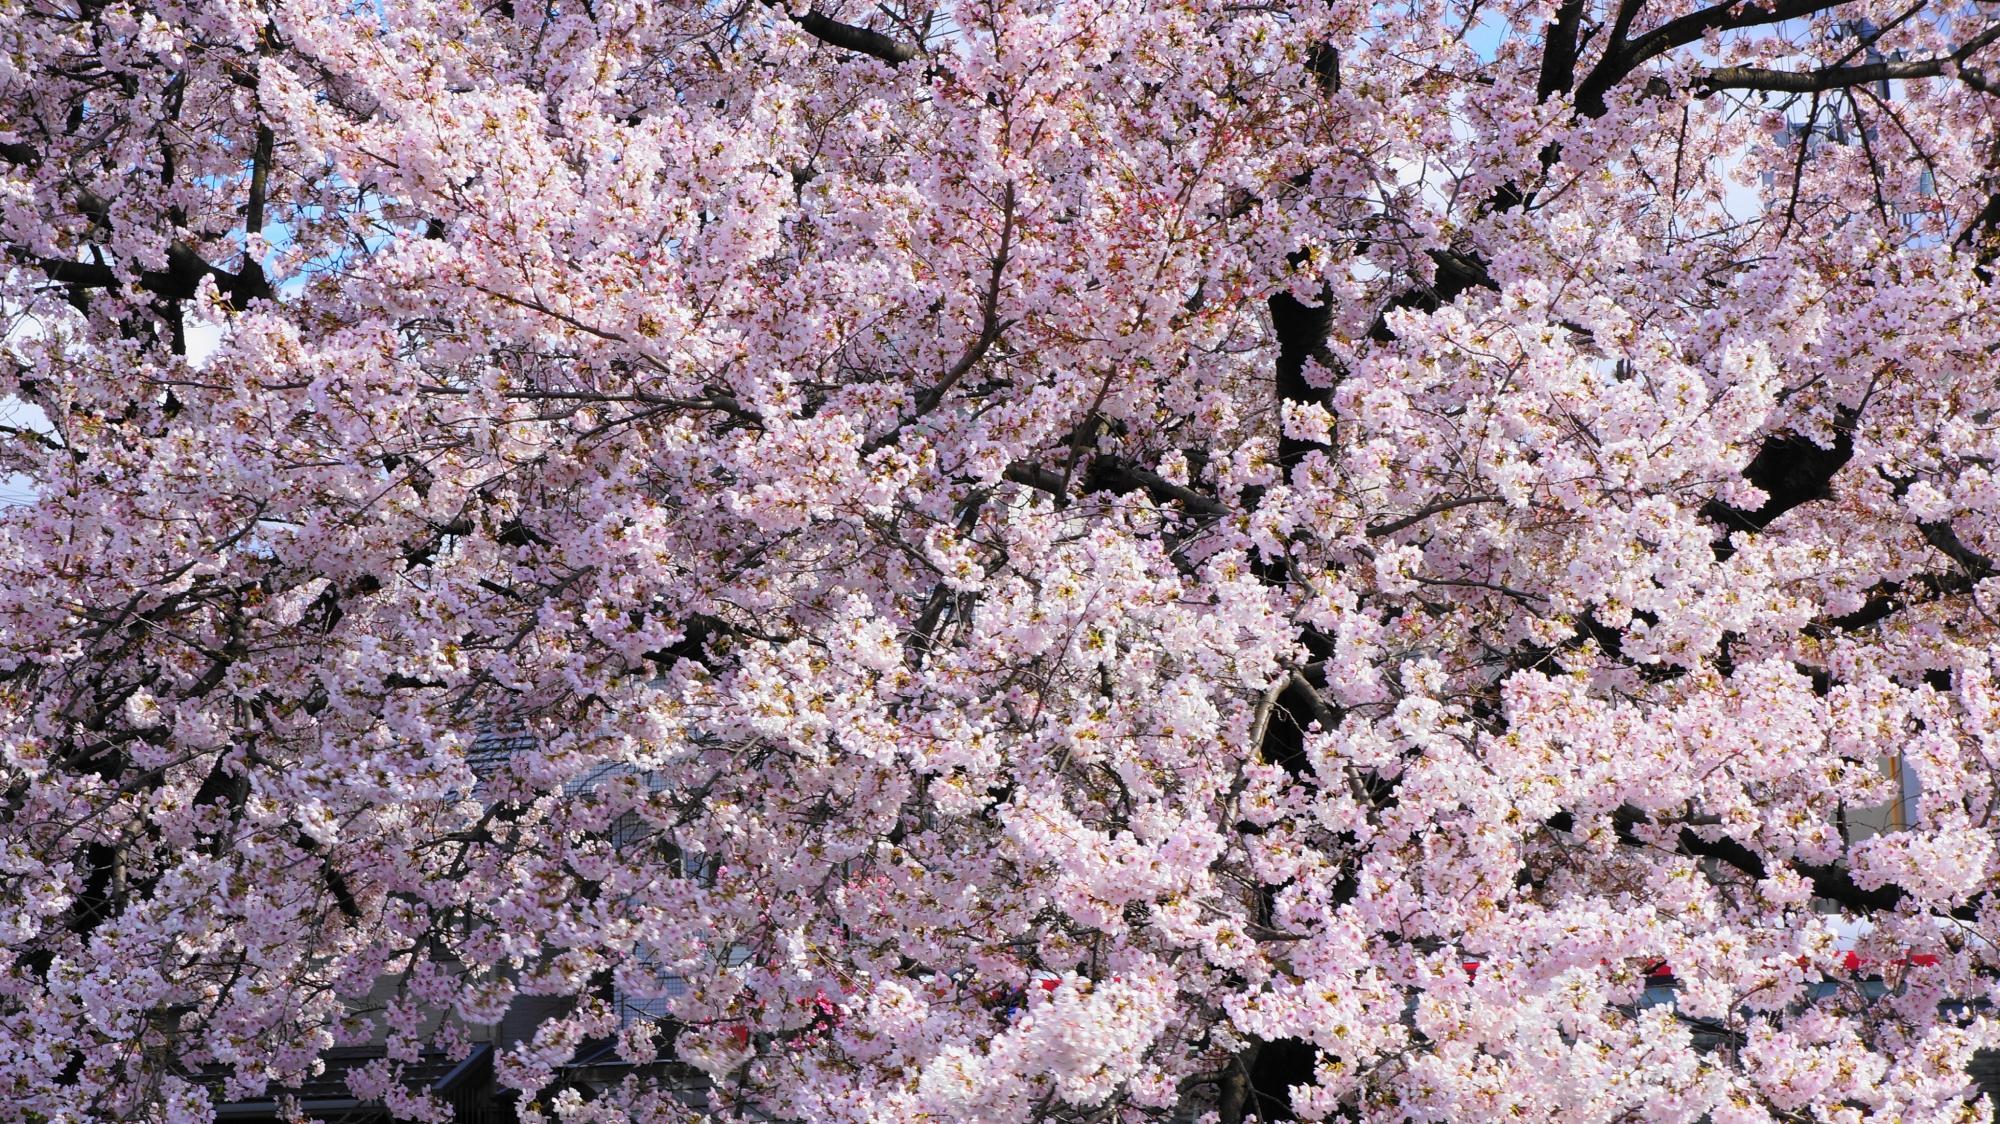 弾け飛びそうなくらい満開の桜の花